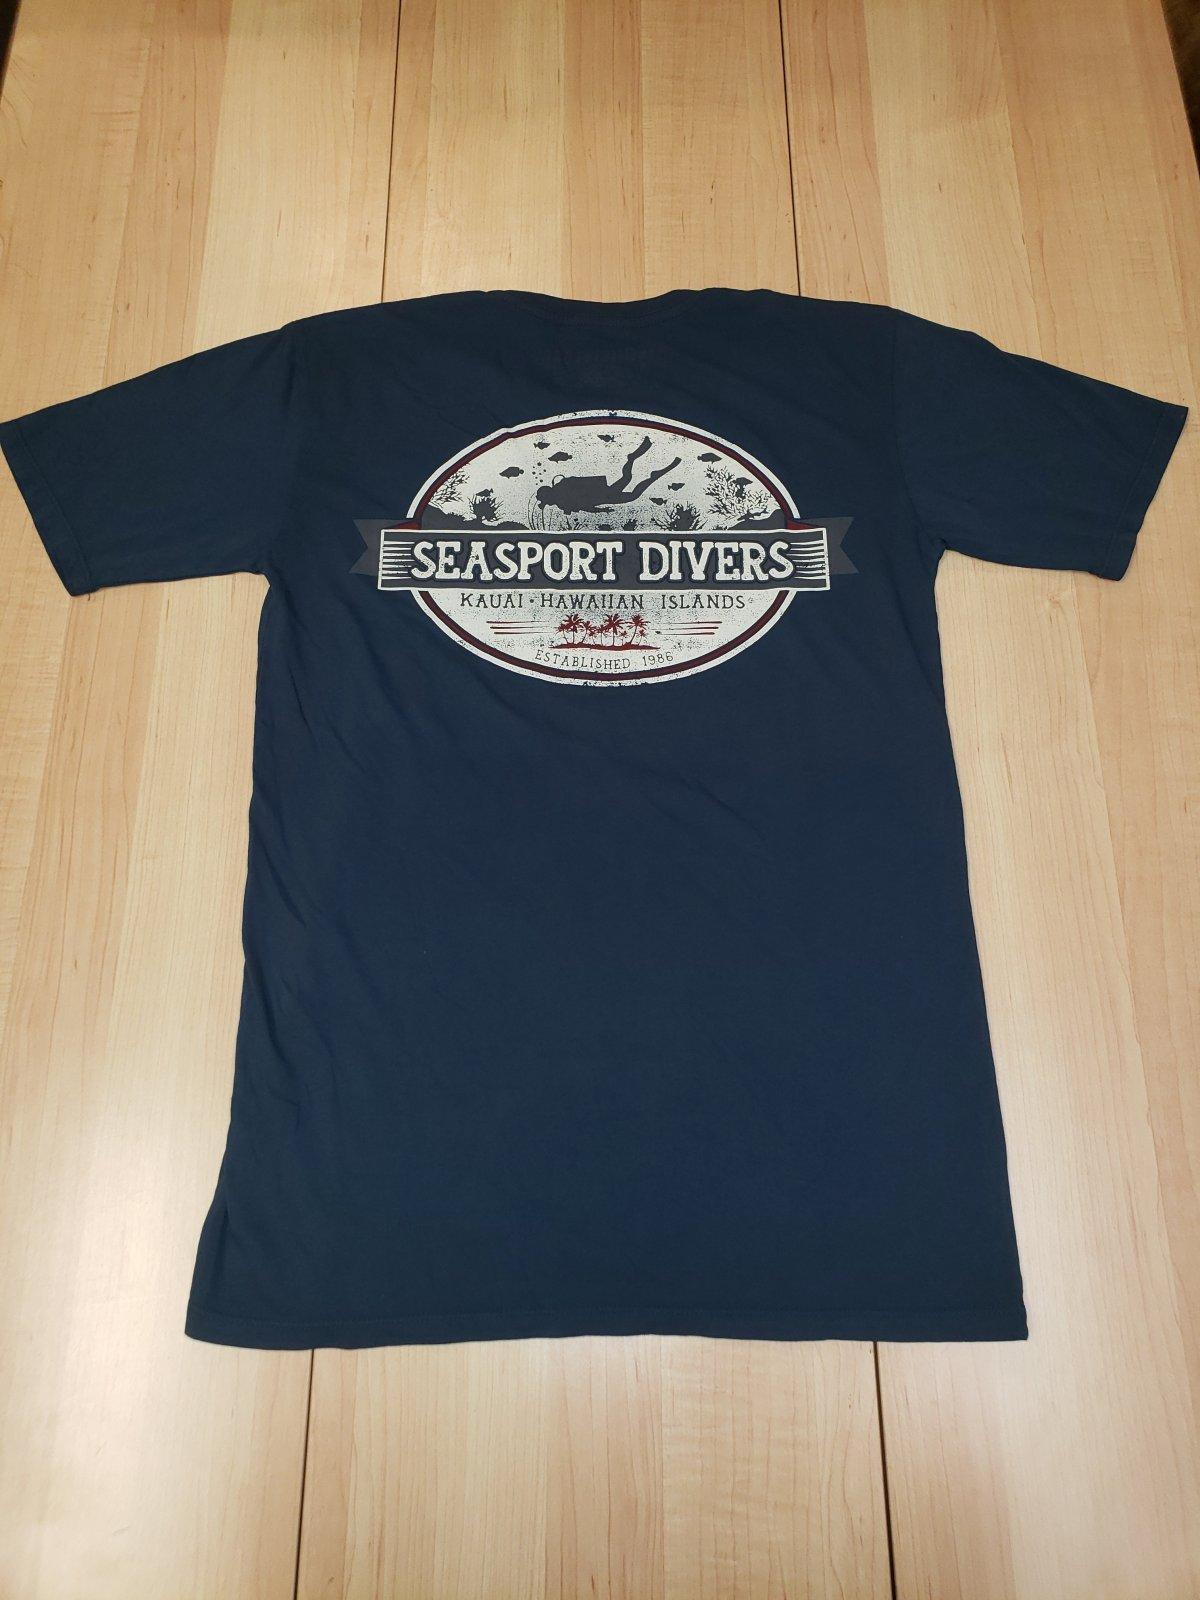 Travel Gear T-shirt